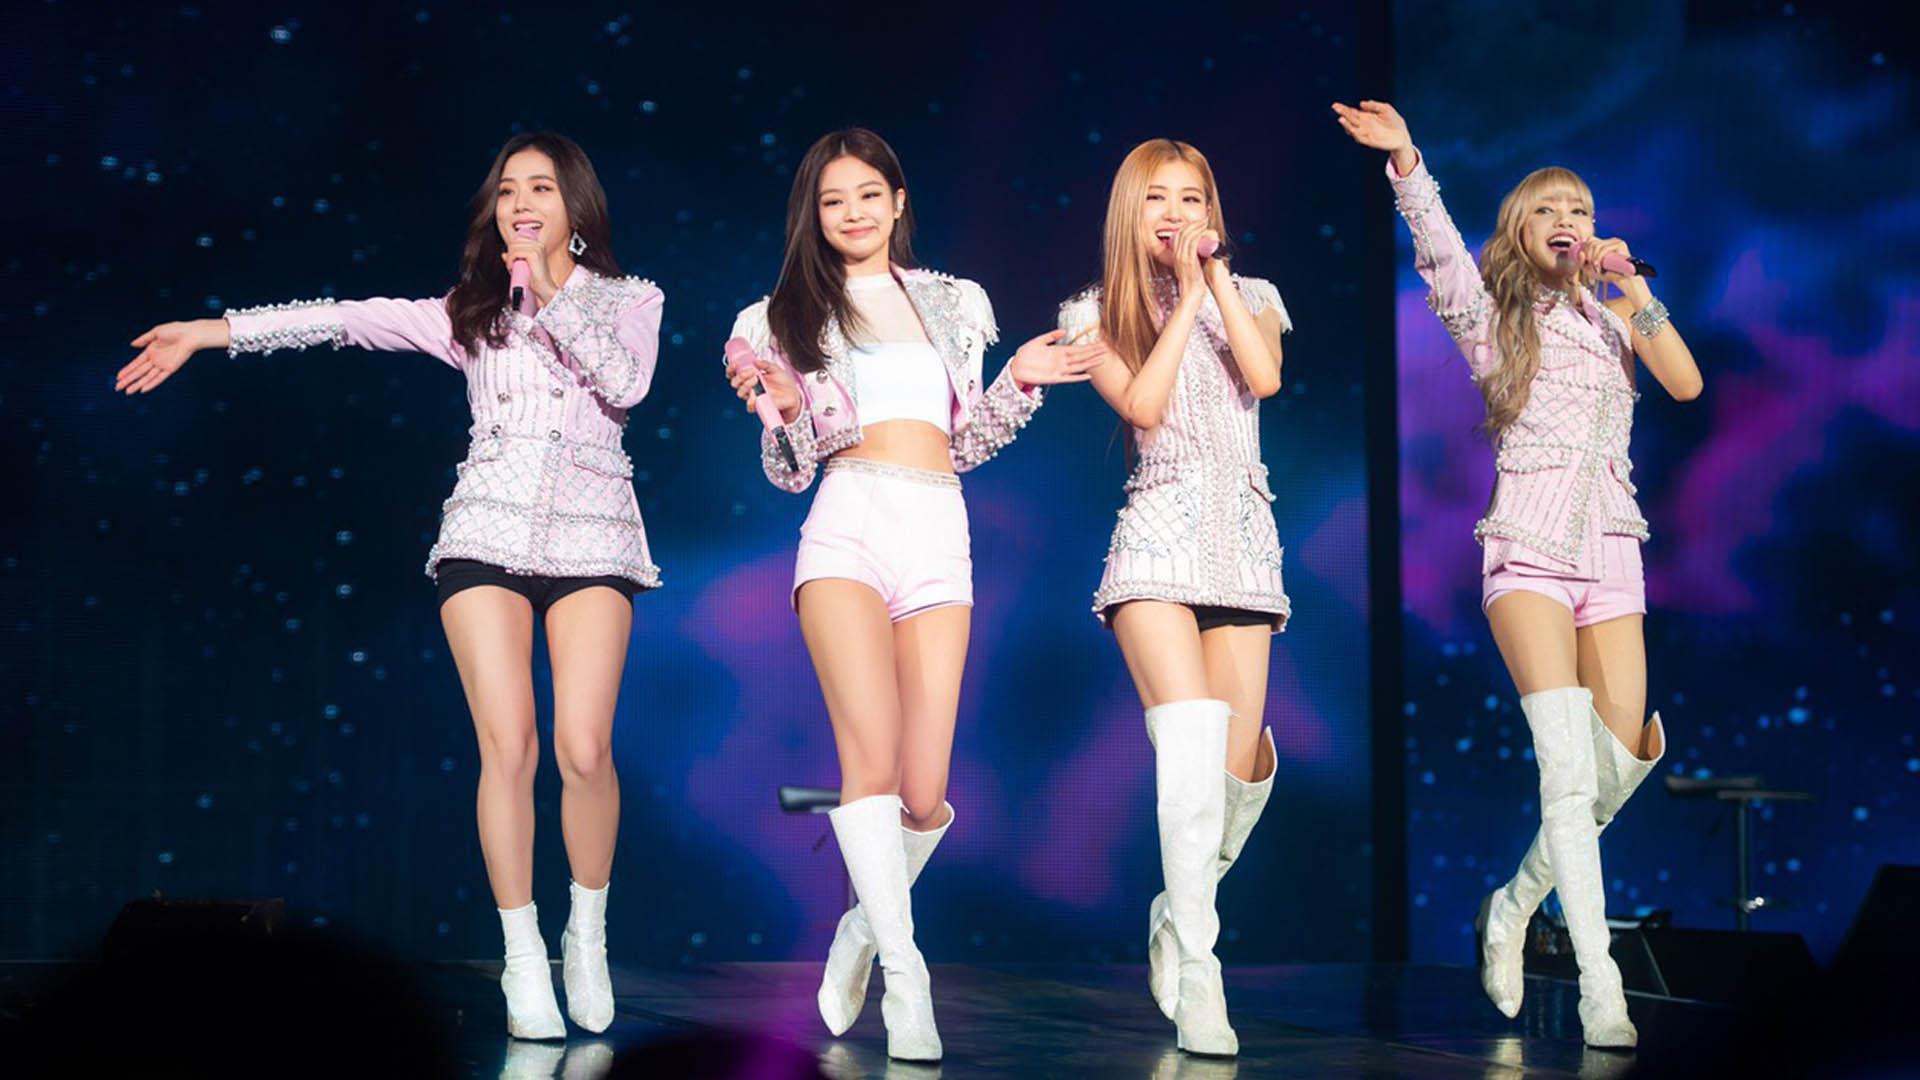 블랙핑크 '킬 디스 러브', 유튜브 가장 많이 본 뮤비 7위